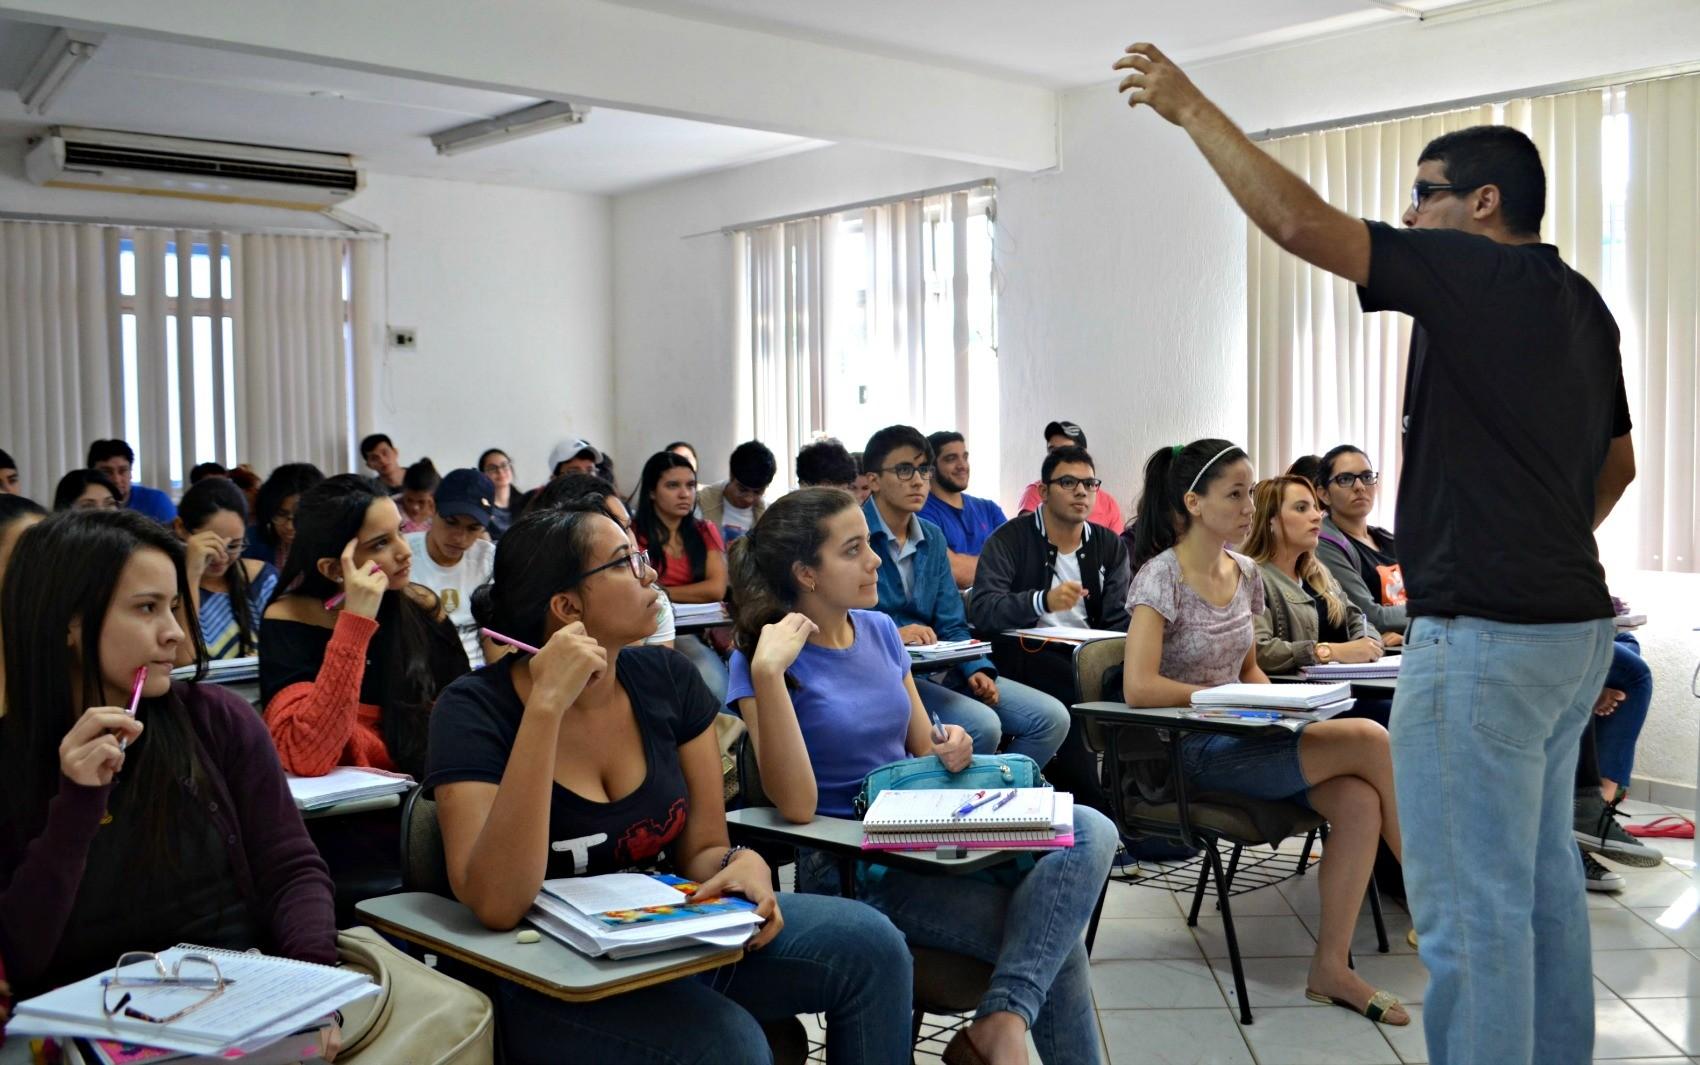 IFPI encerra nesta segunda (10) inscrições para processo seletivo de tutores da Universidade Aberta